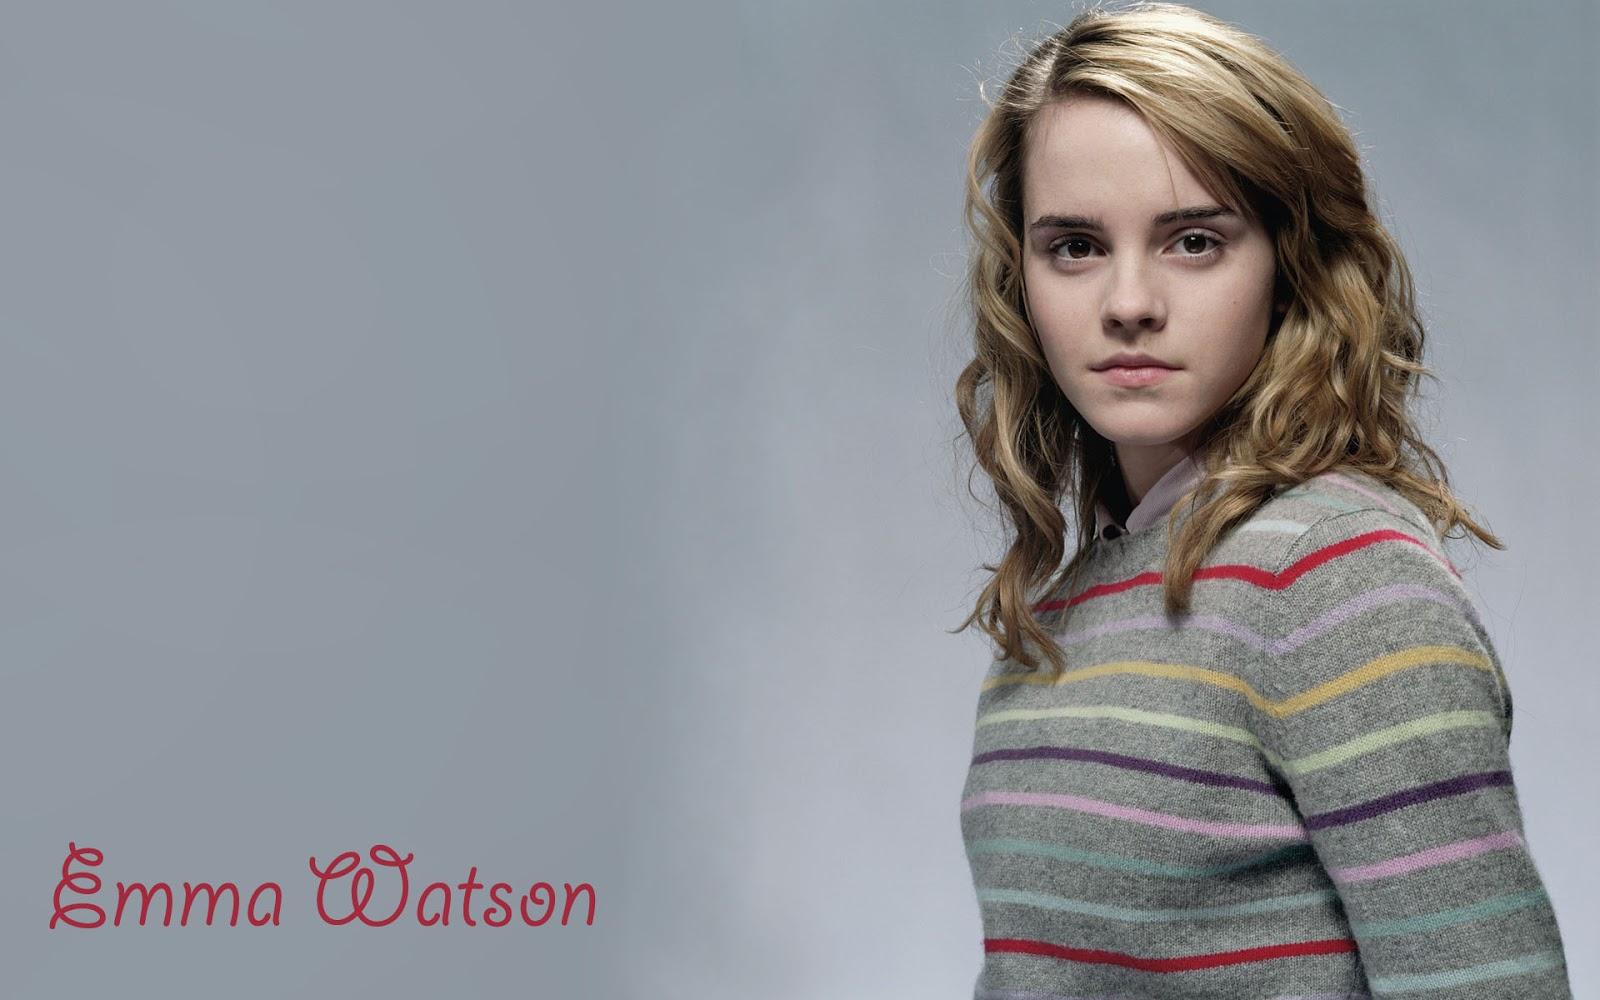 Andrew Garfield Cute Wallpaper Emma Watson New Hd Wallpapers 2013 Hot Celebrity Emma Stone